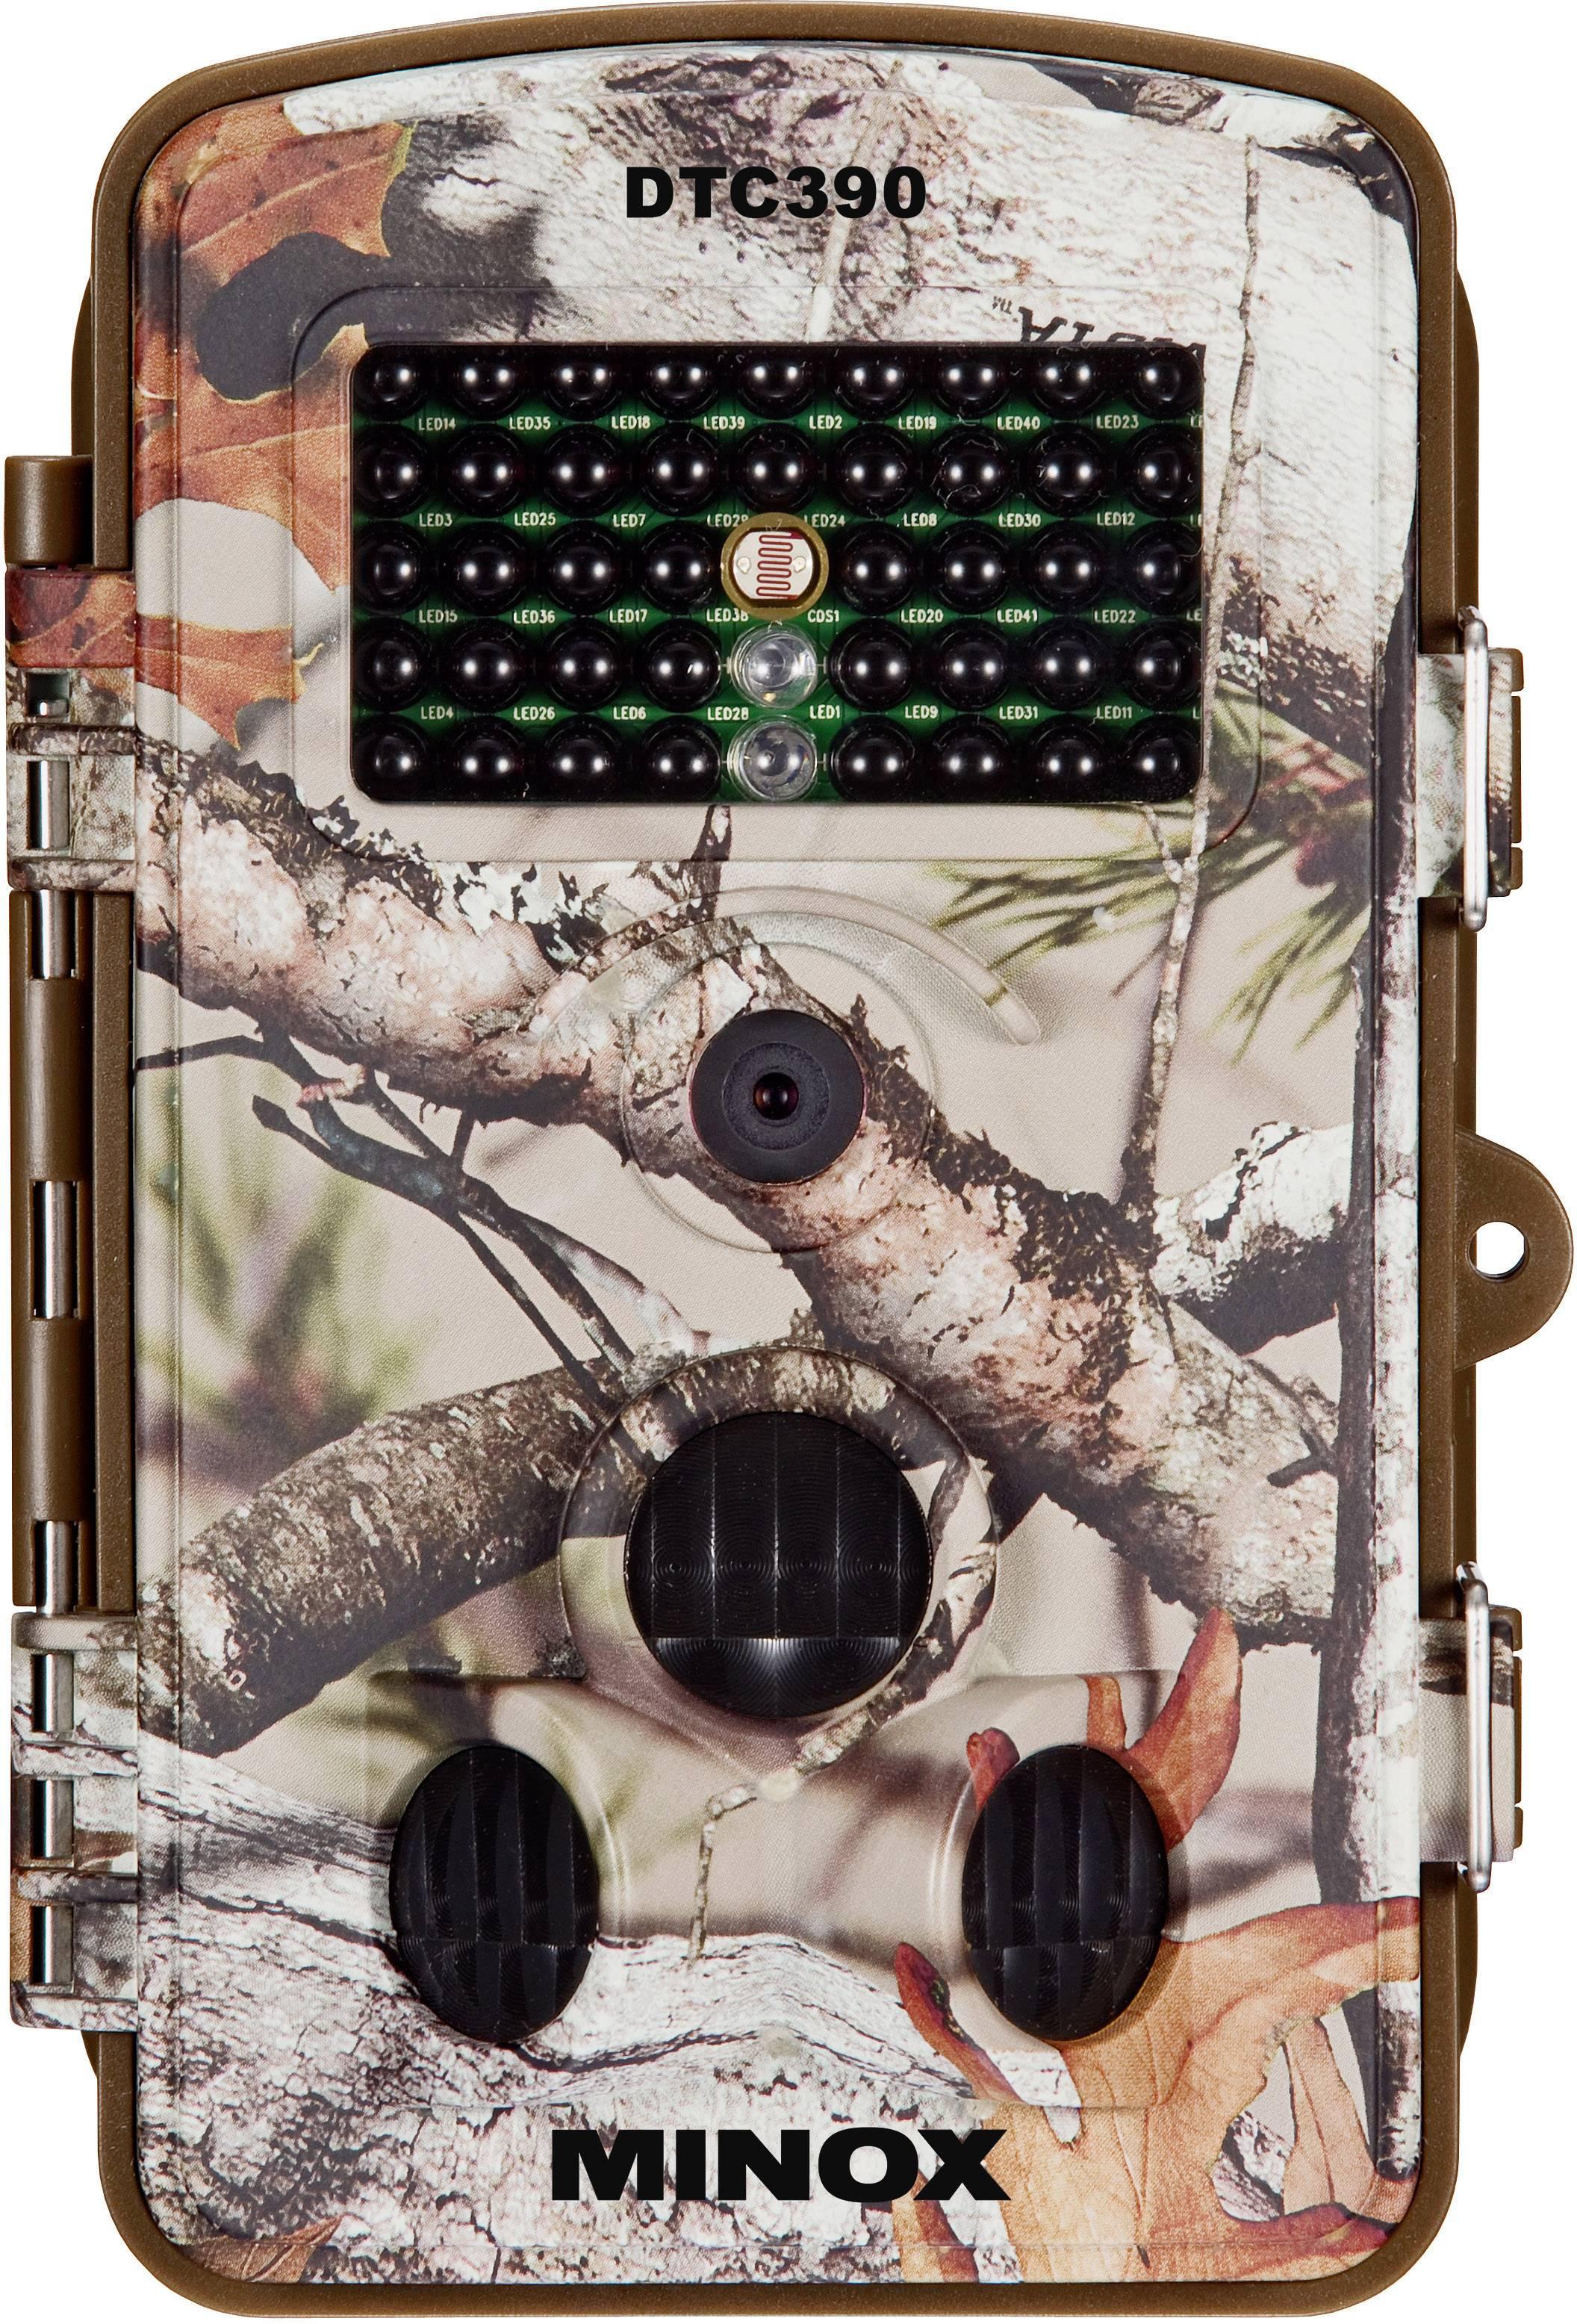 Fotopast Minox DTC 390, 5 MPix, černé LED diody, nahrávání zvuku, maskáčová